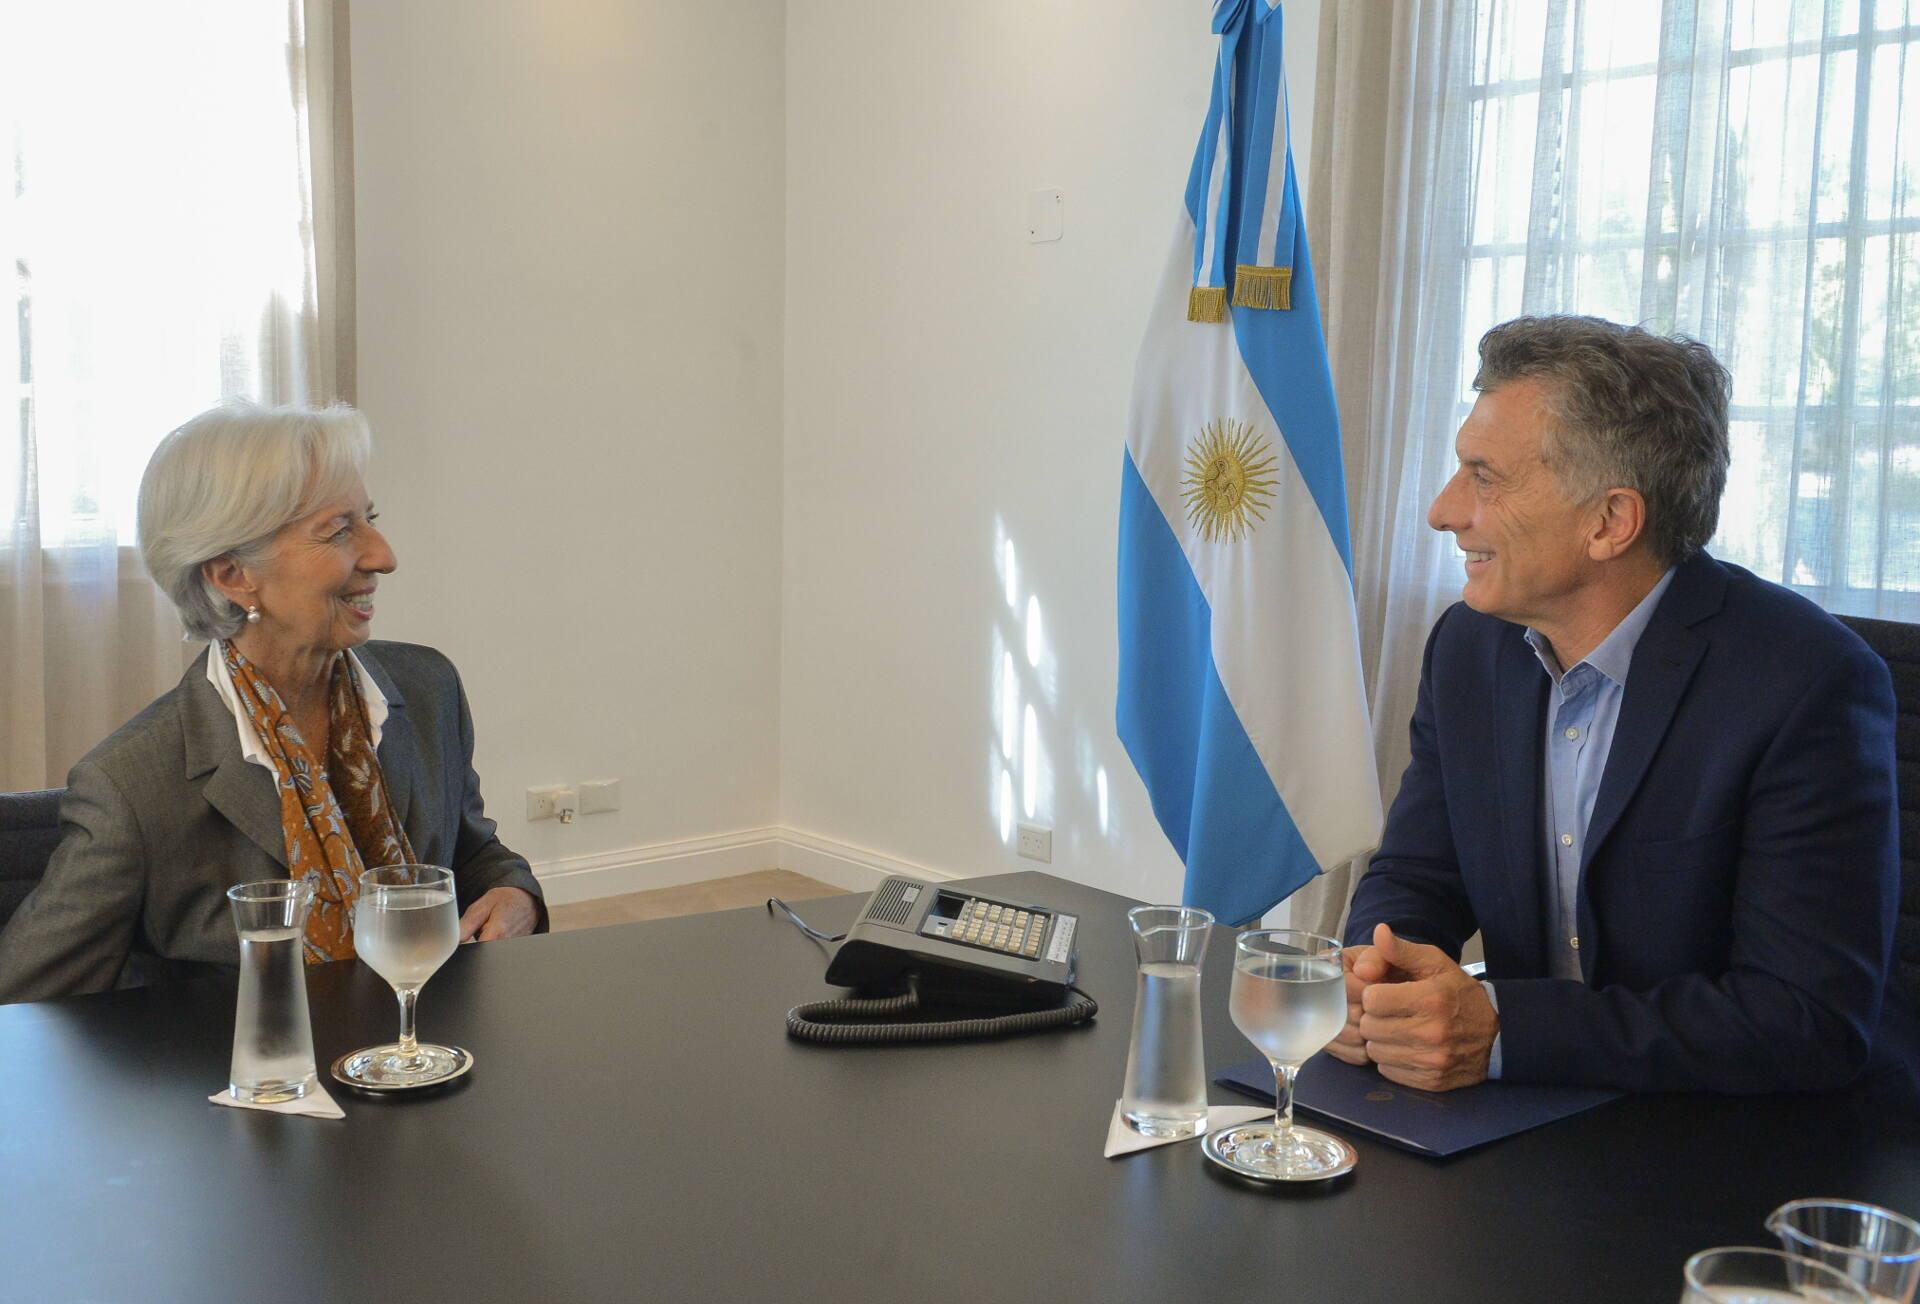 Retour du FMI en Argentine : une violente sensation de déjà-vu (Elsa Broclain, Gilles Martinet, Raphaël Porcherot, Sylvain Pablo Rotelli/ Regards)